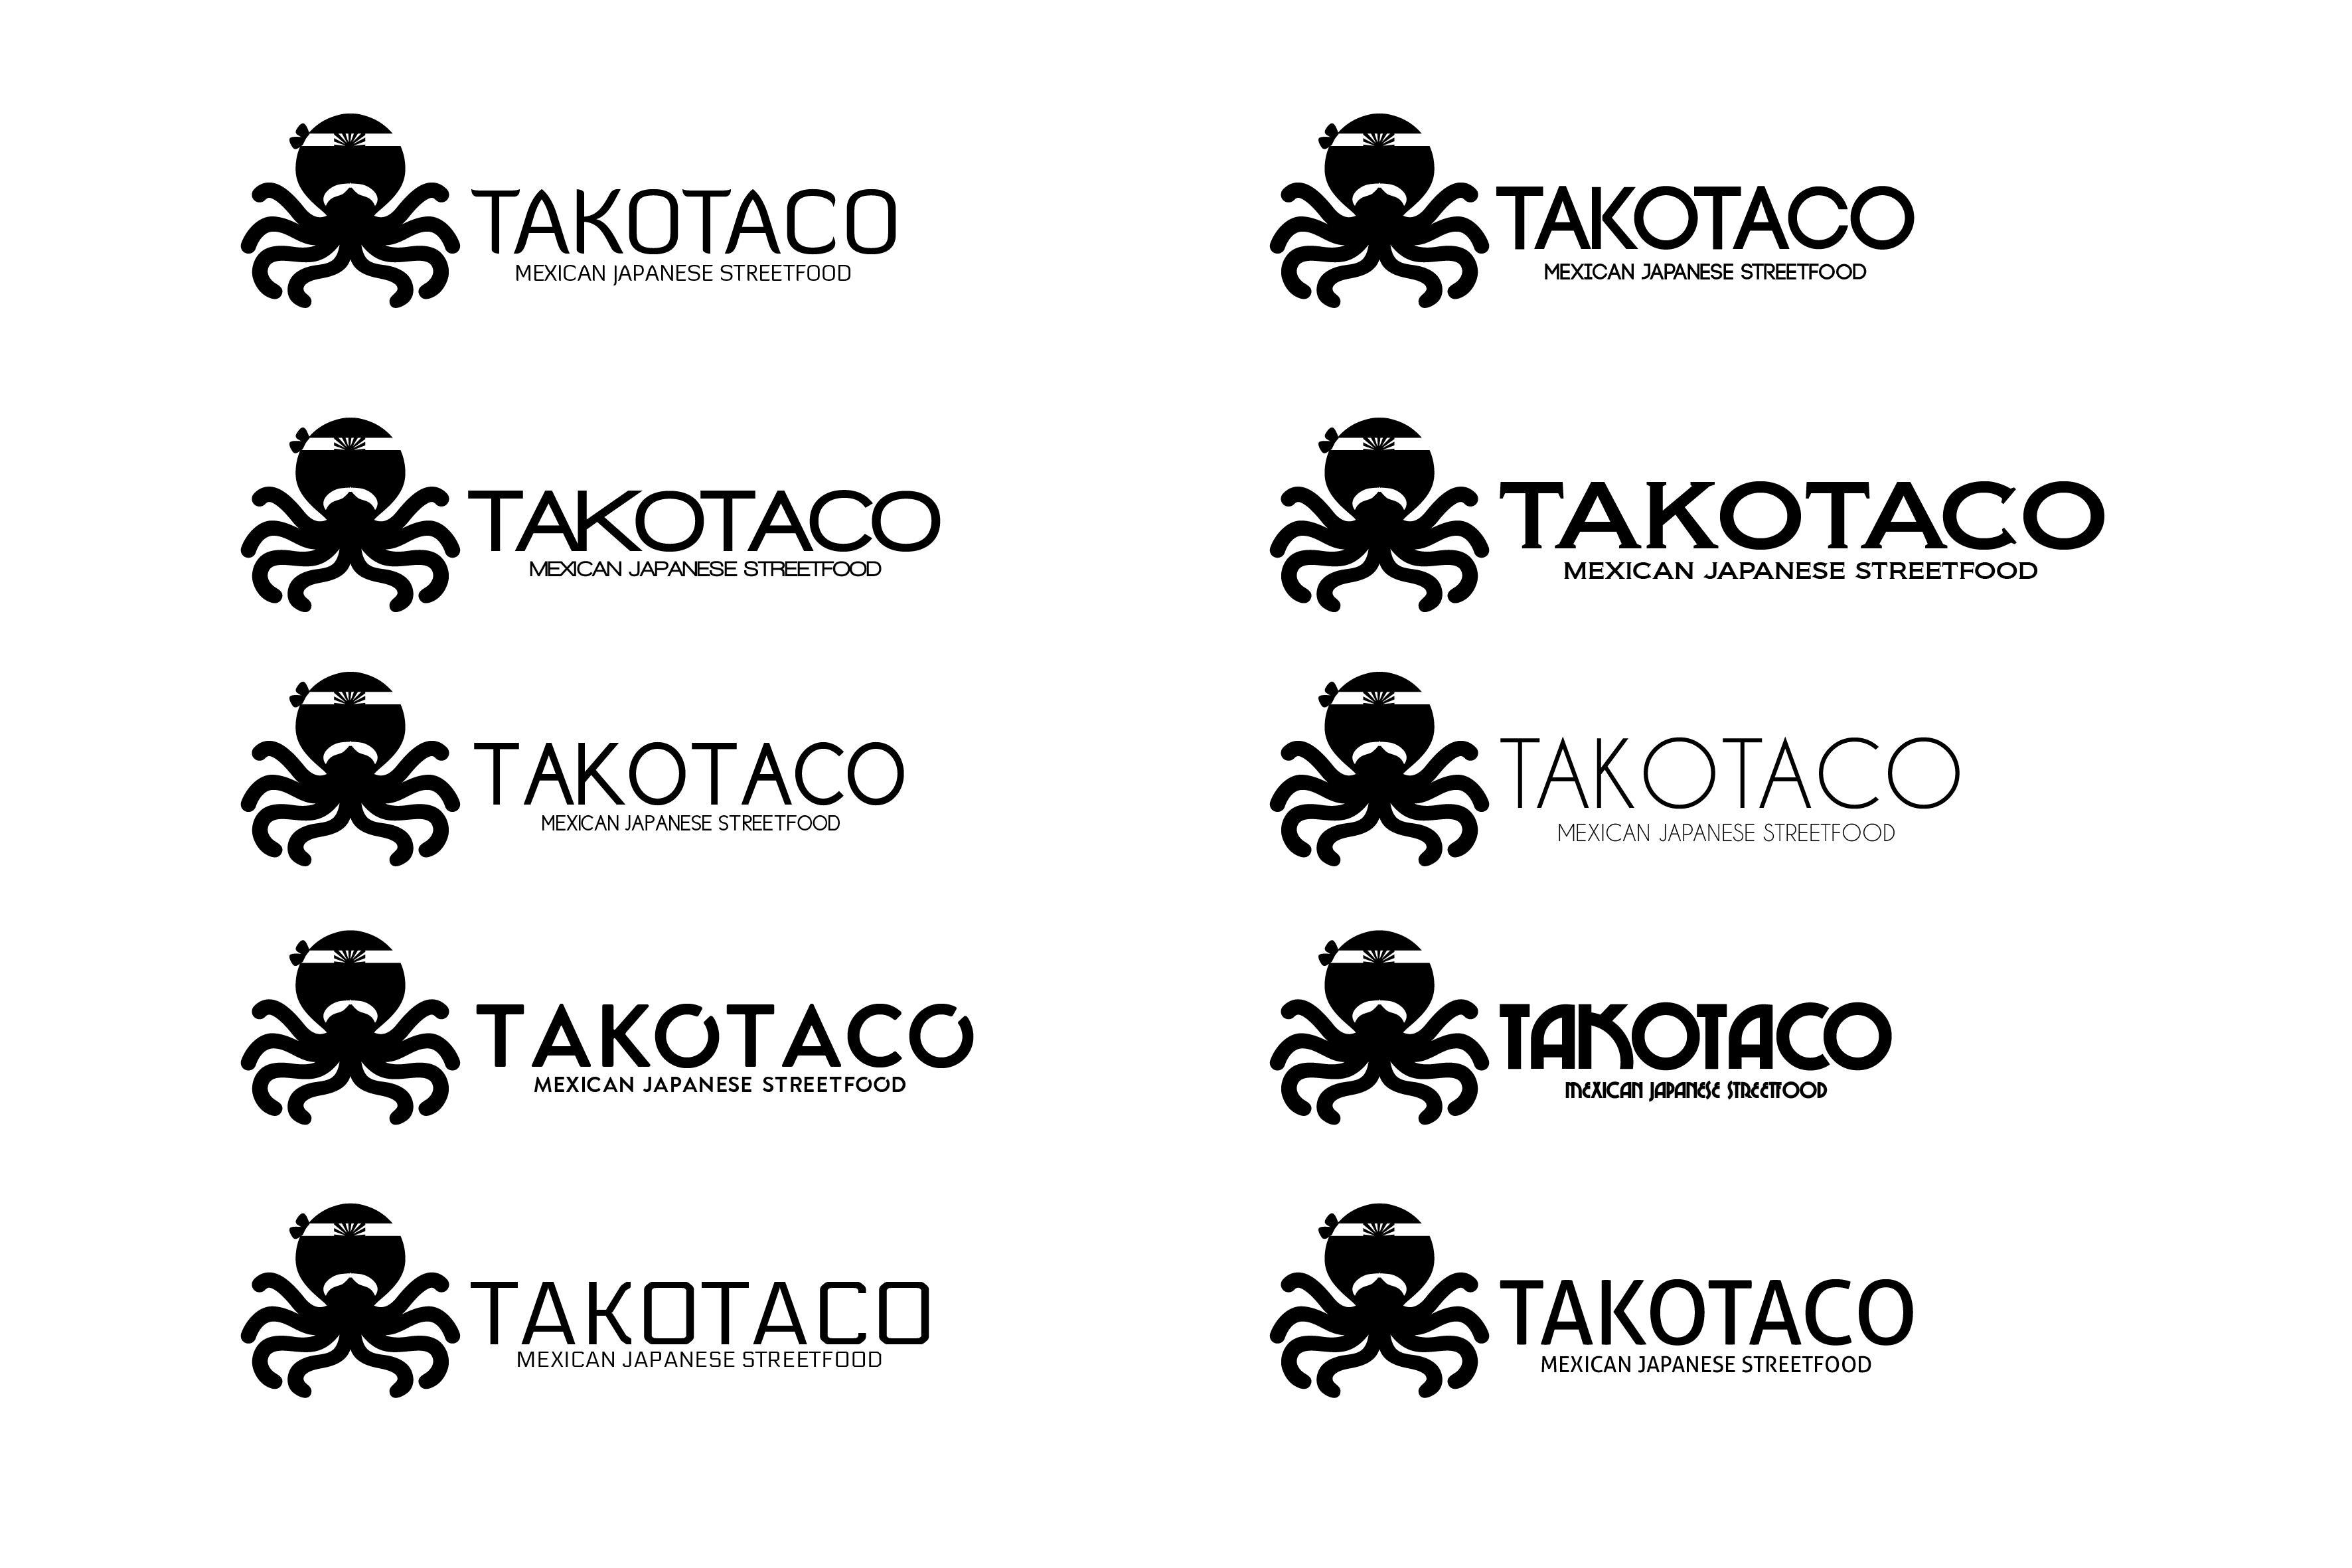 TAKOTACO - image 5 - student project